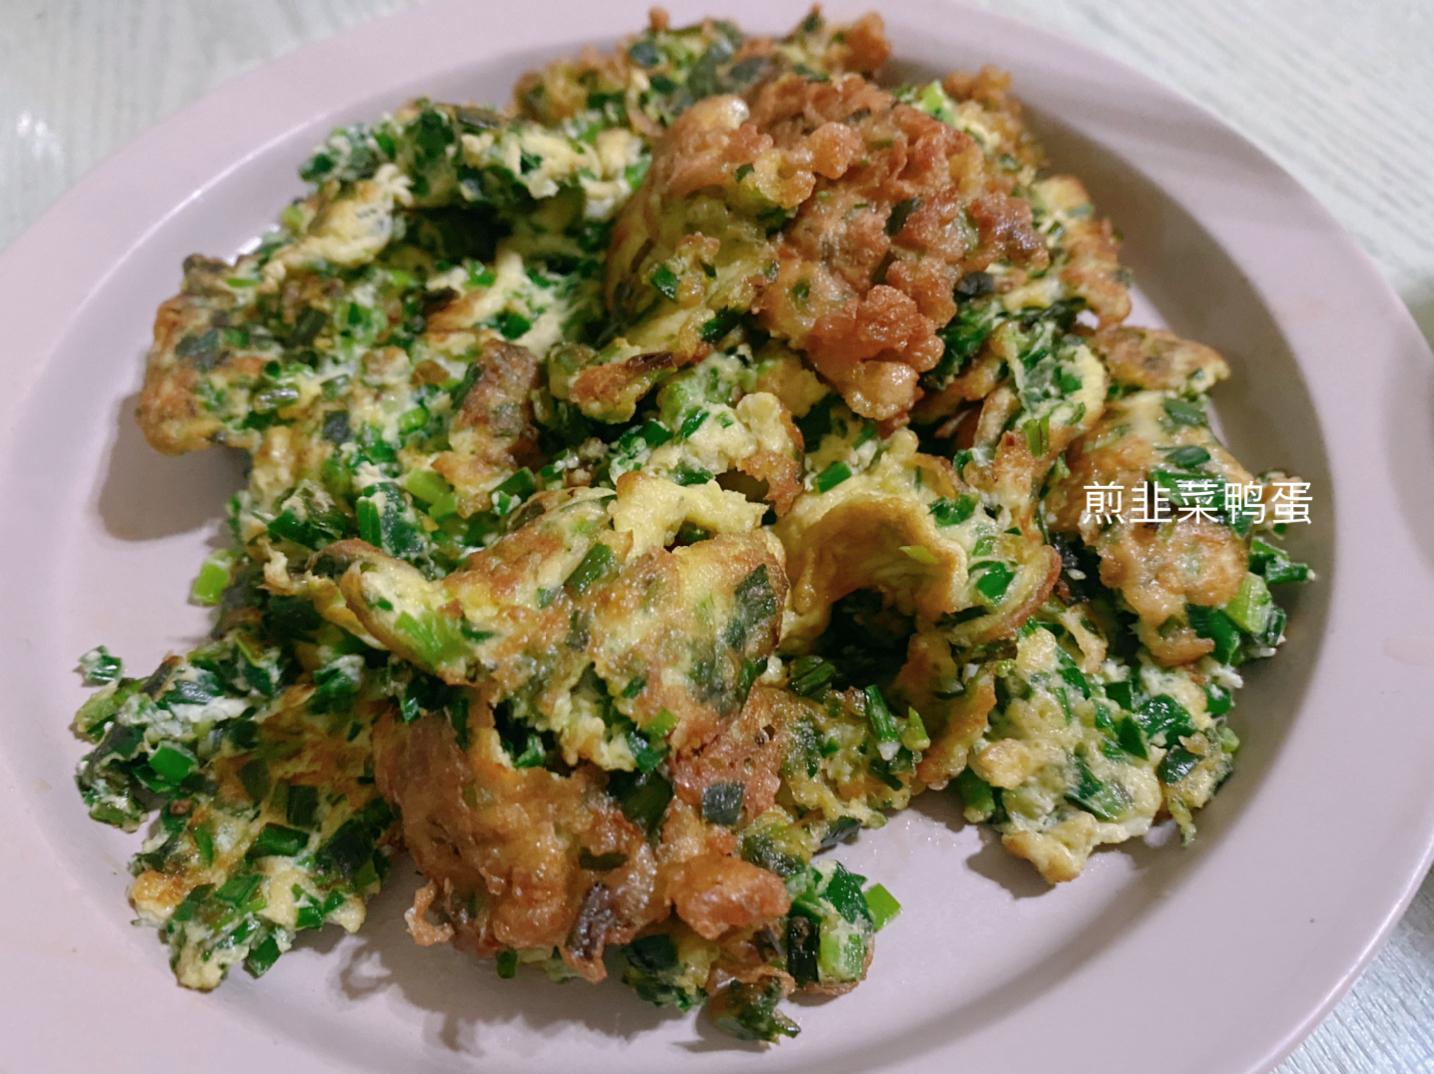 晚饭;香煎猪肝、煎韭菜鸭蛋、海参花胶鸡汤,东西虽少营养不错